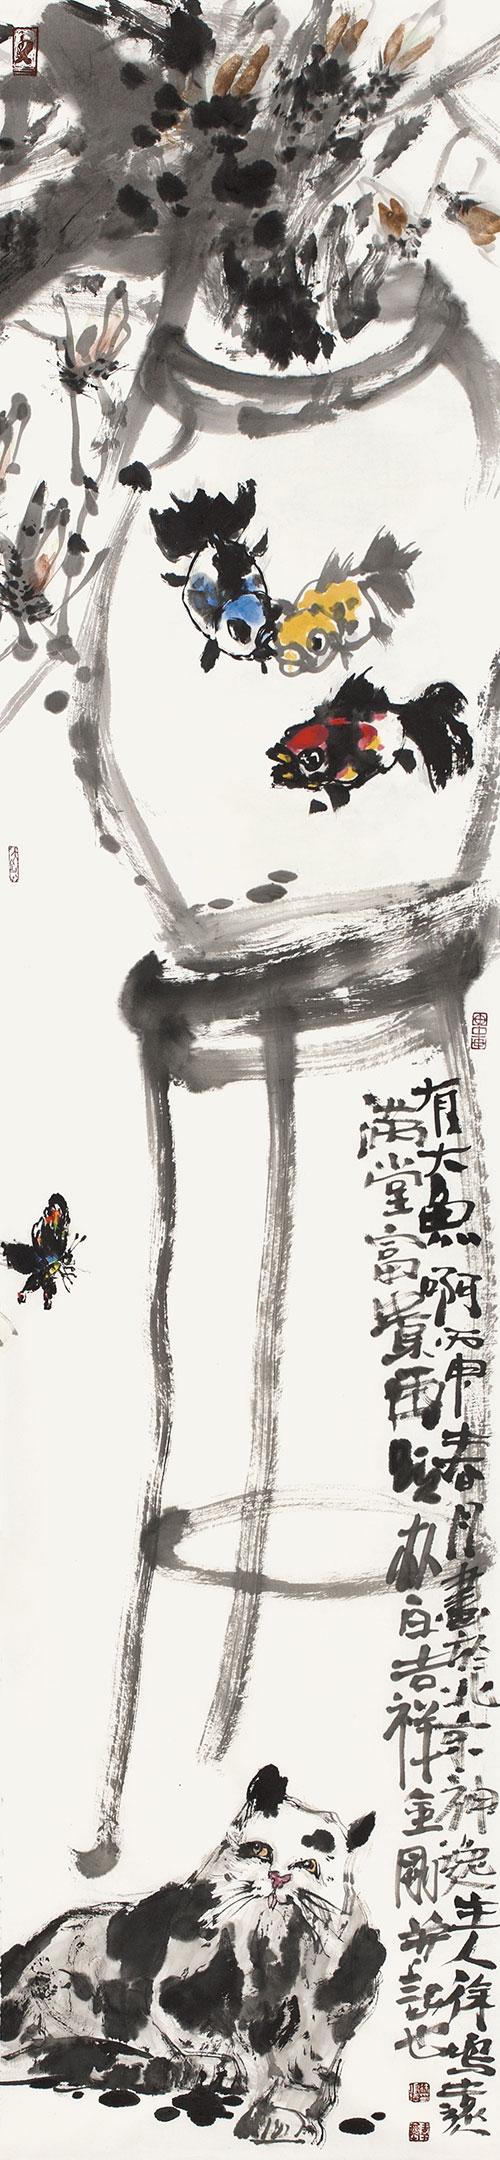 徐鸣远作品之一 (6)